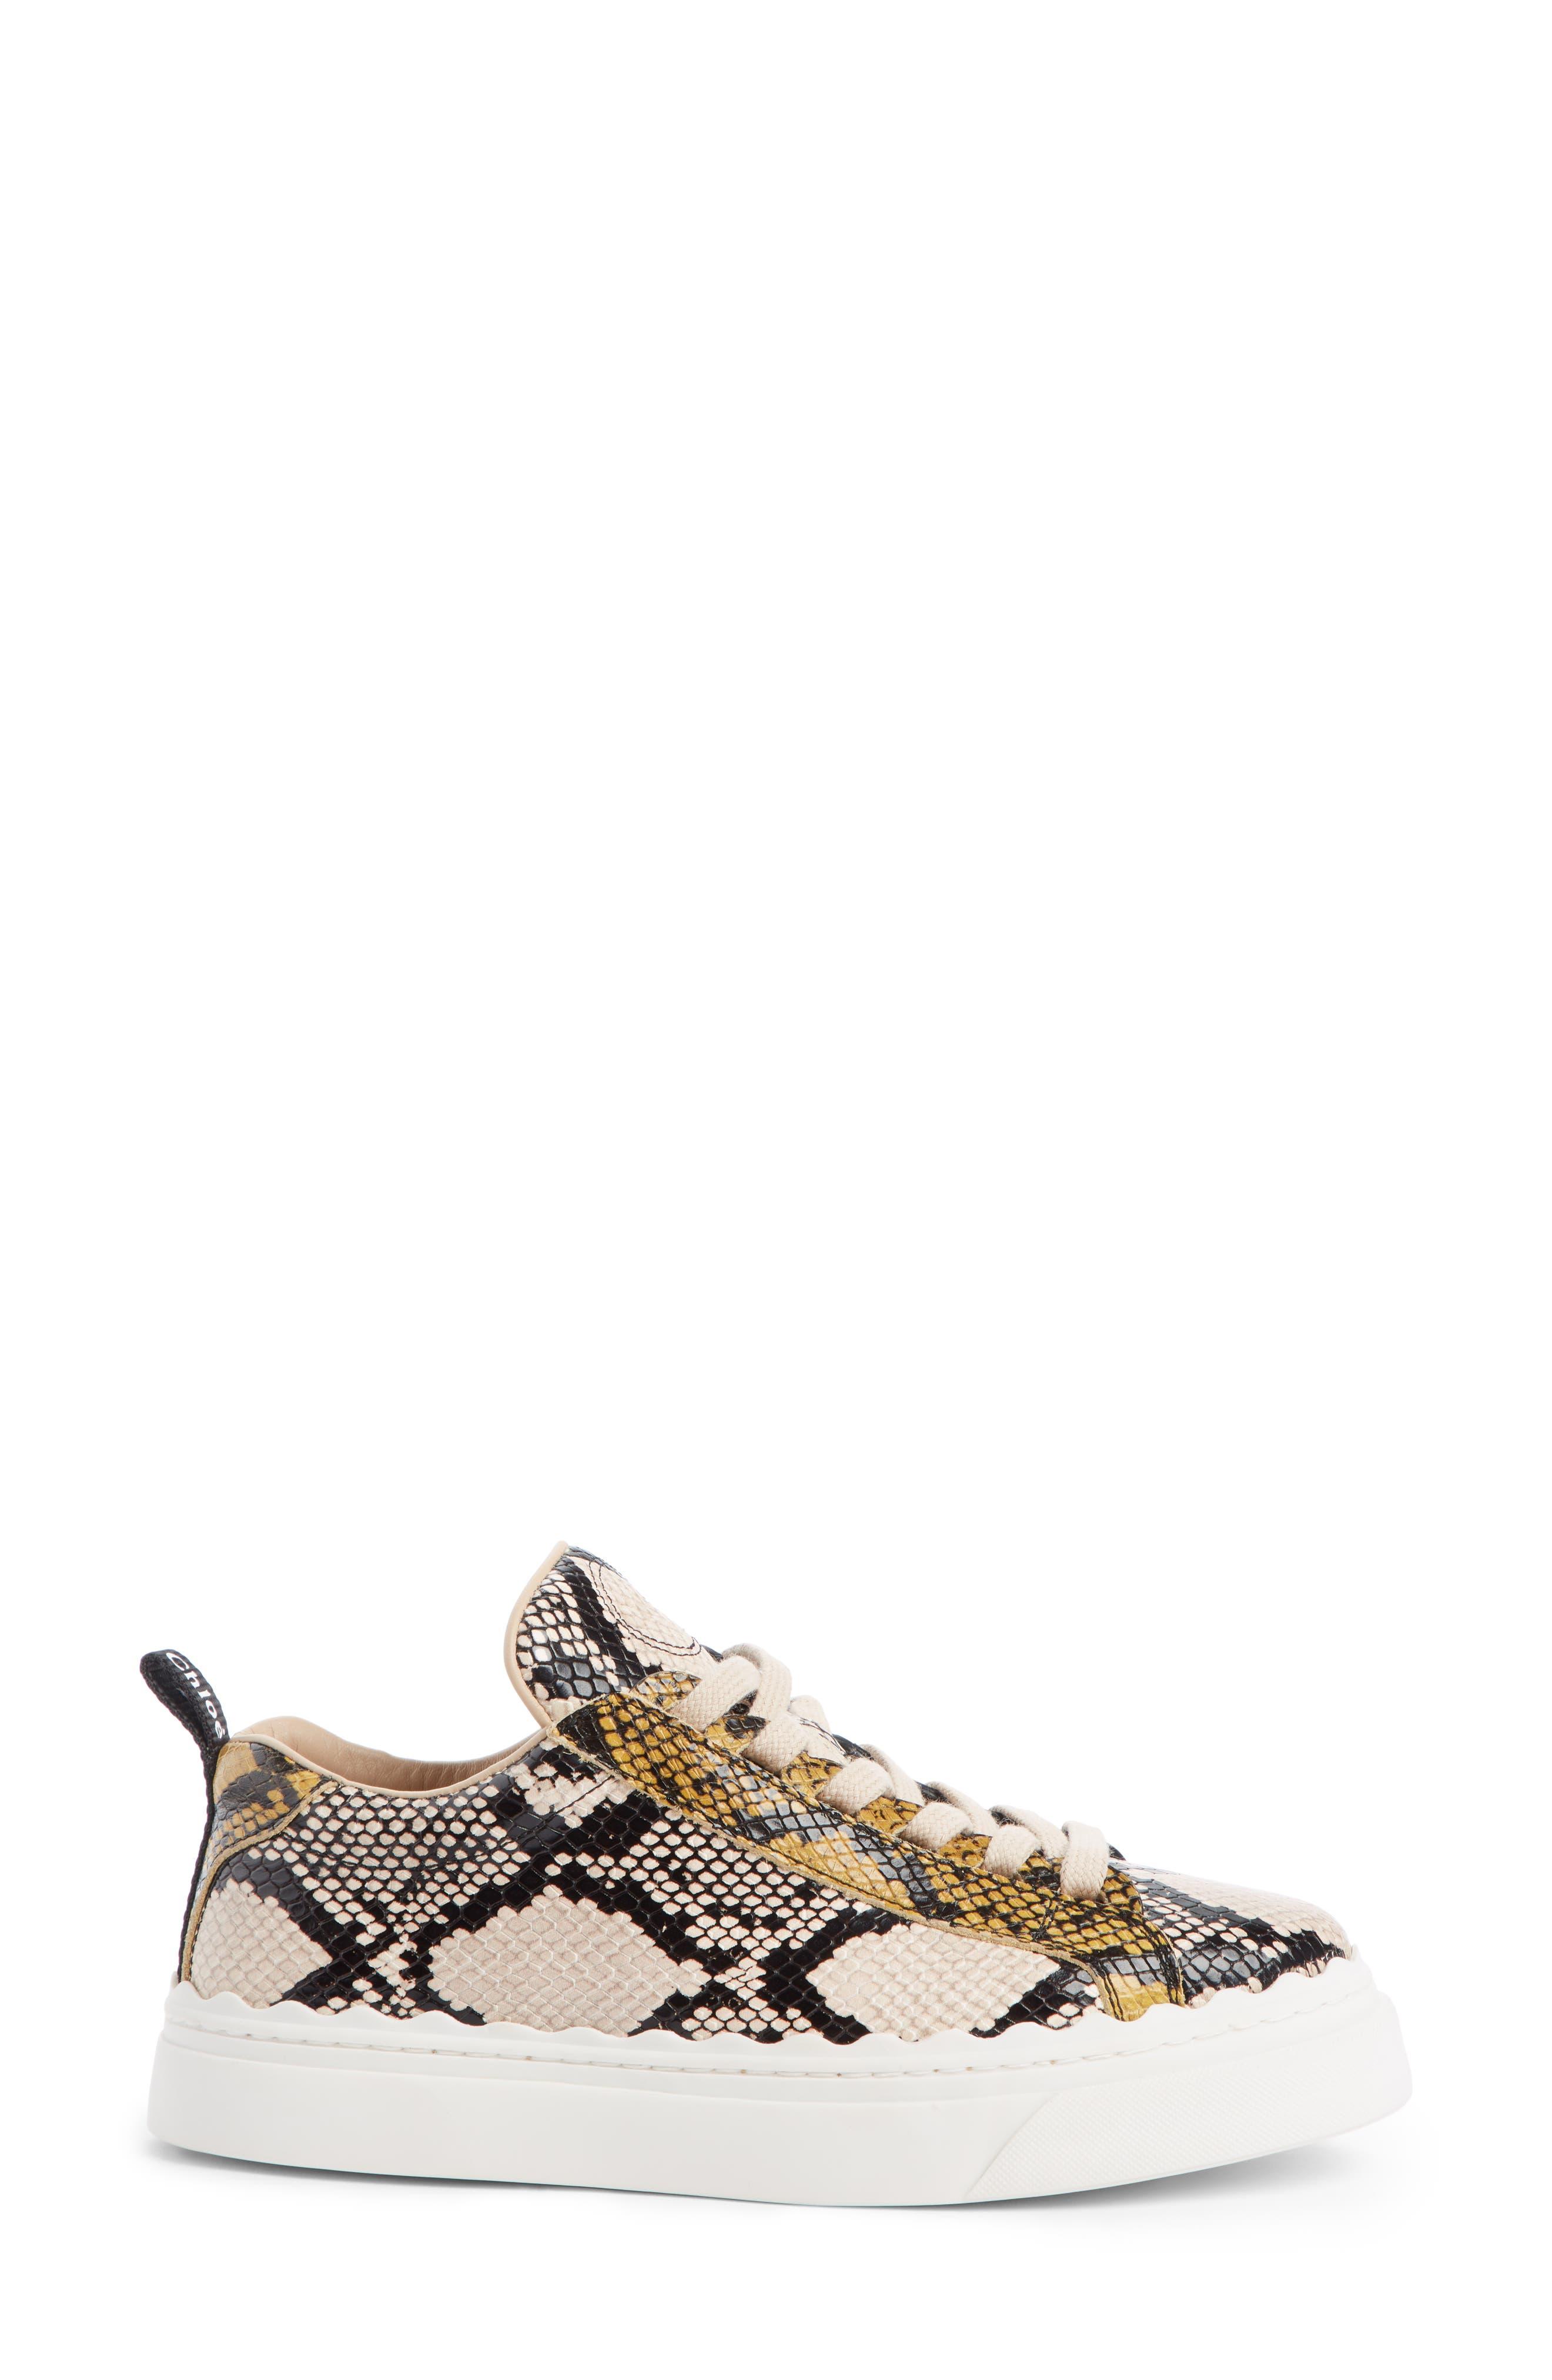 Lauren Sneaker,                             Alternate thumbnail 3, color,                             SEPTEMBER SUN LEATHER